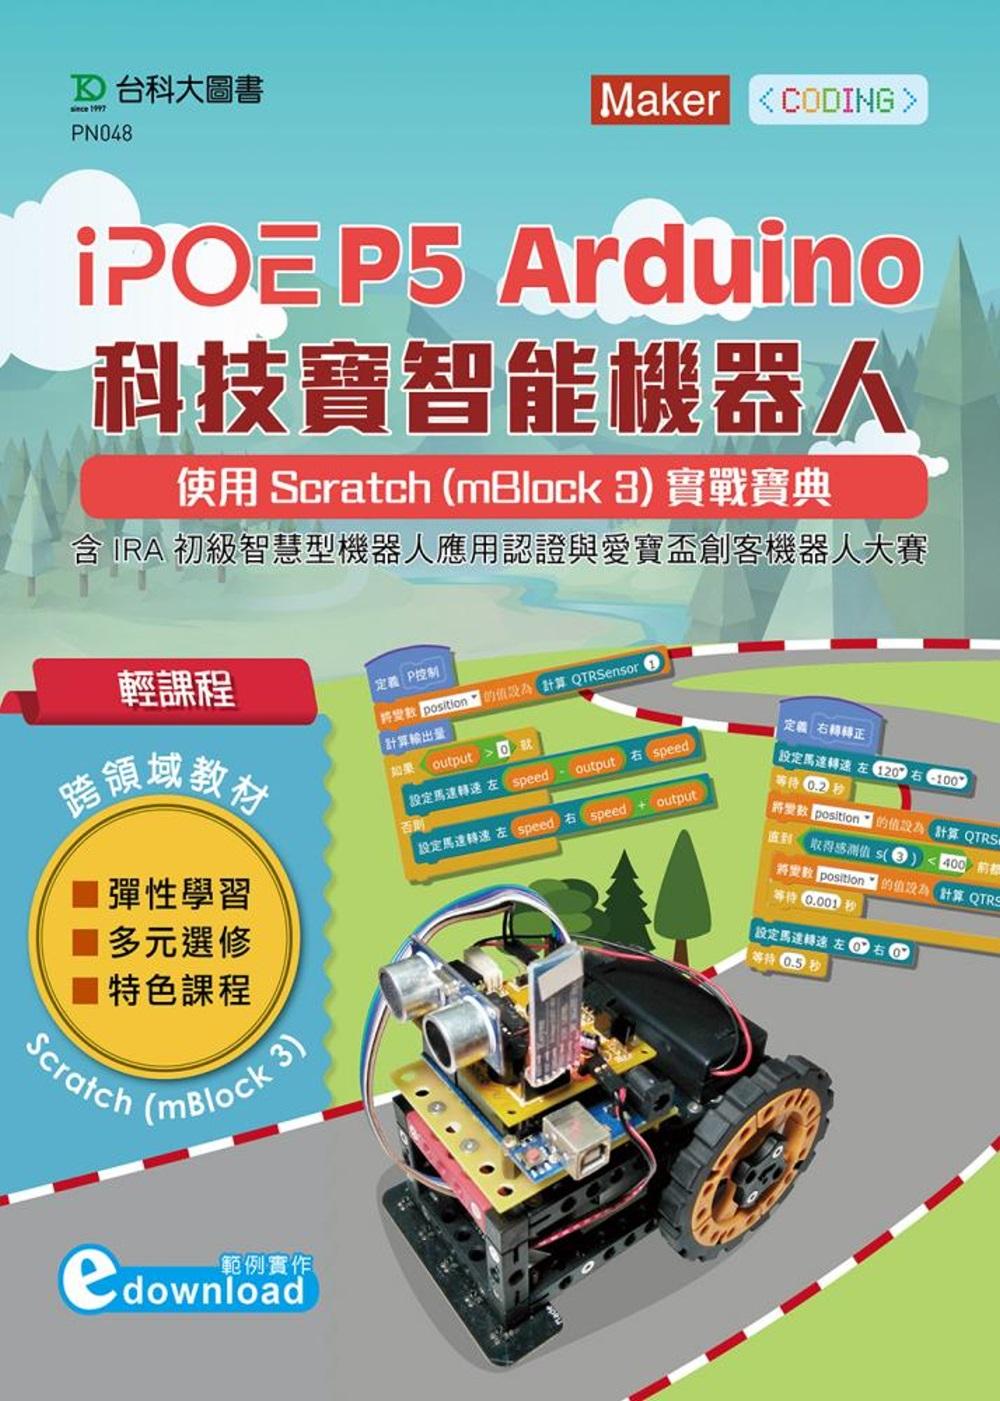 輕課程 iPOE P5 Arduino 科技寶智能機器人:使用Scratch(mBlock 3) 實戰寶典 - 含IRA初級智慧型機器人應用認證與愛寶盃創客機器人大賽